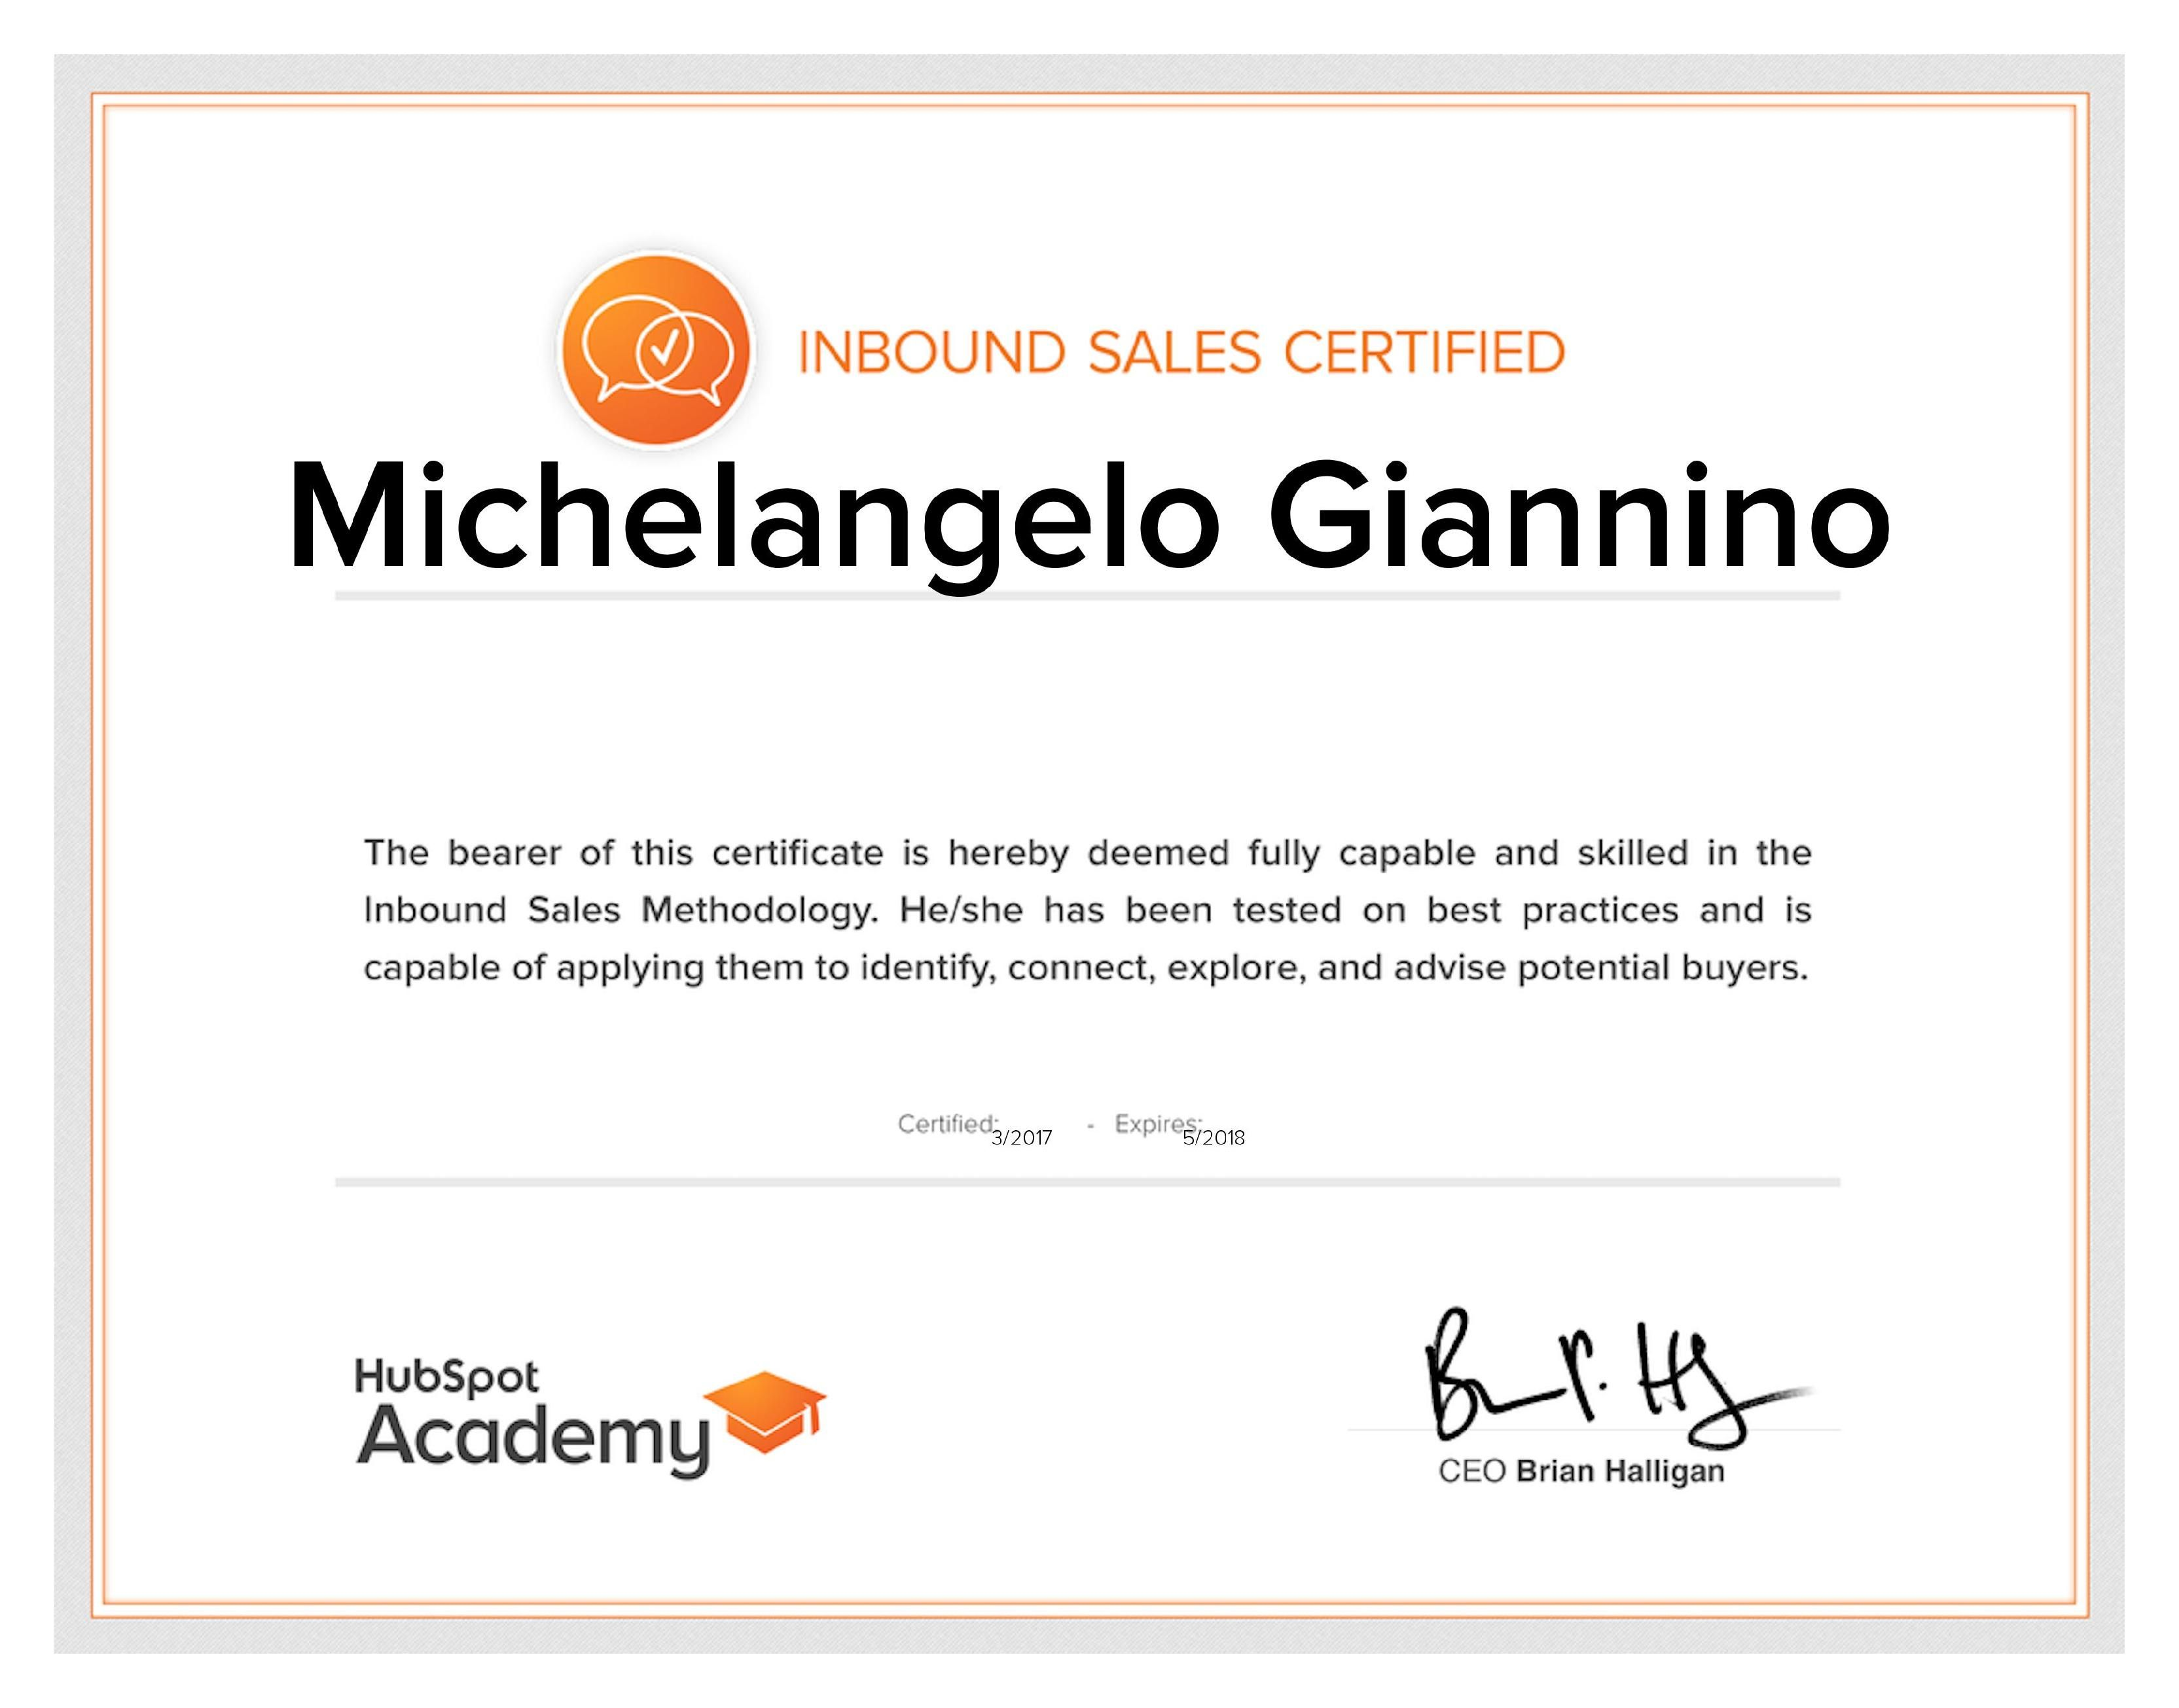 Inbound Sales Certification HubSpot   Certificazioni   Pinterest